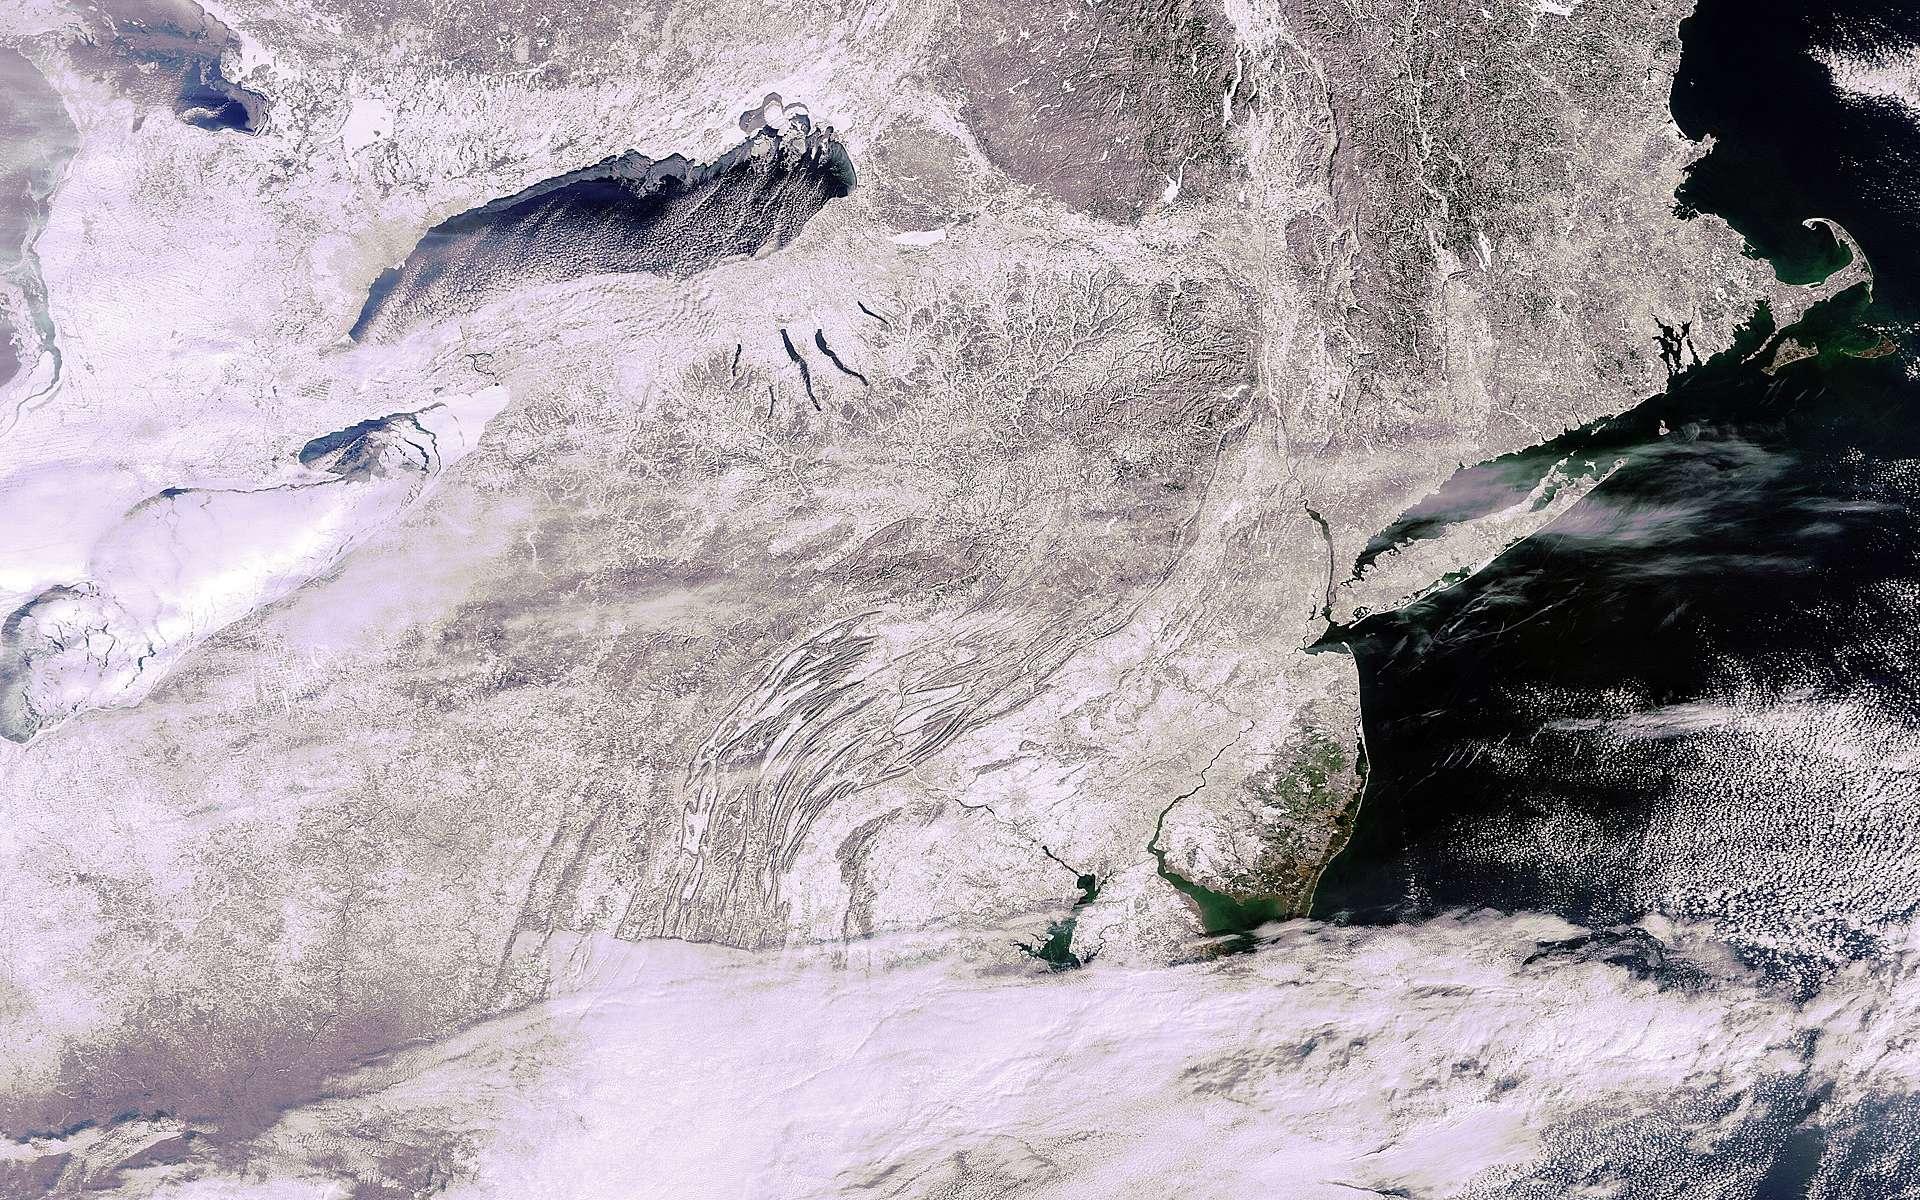 Cette image de la Nouvelle Angleterre a été prise par la caméra Meris (Medium Resolution Imaging Spectrometer) d'Envisat le 31 janvier avec une résolution au sol de 300 mètres. © Esa